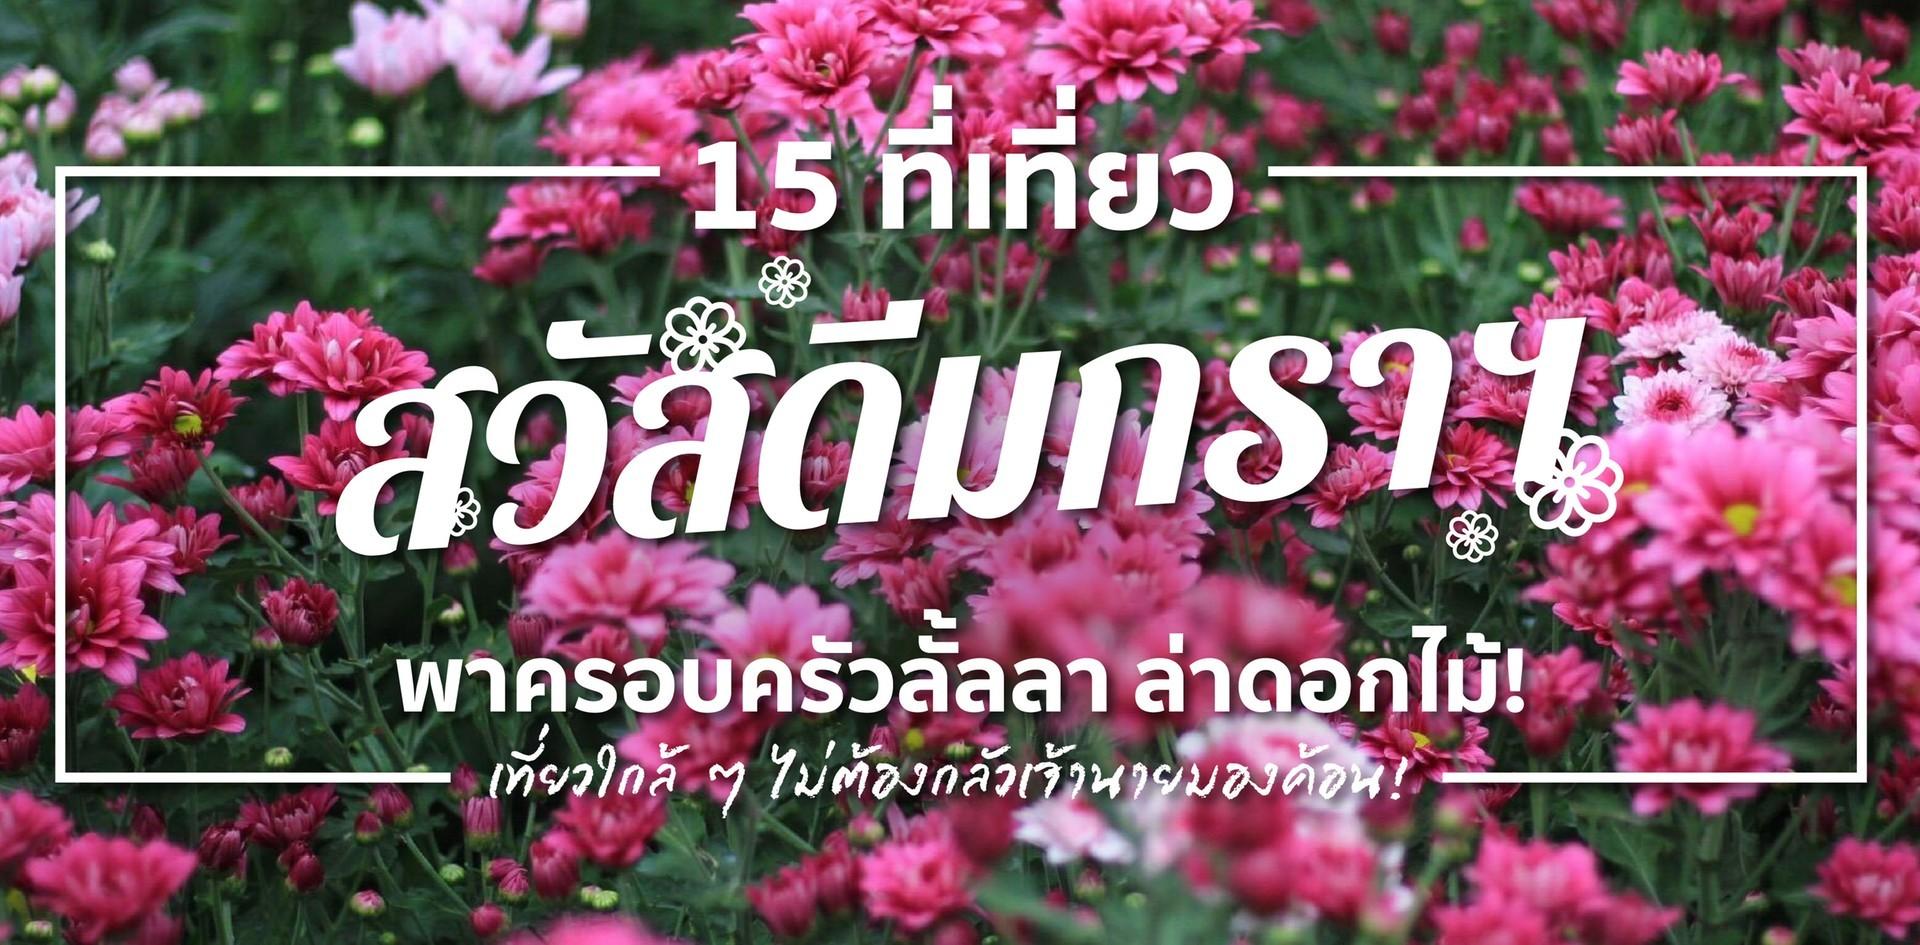 15 ที่เที่ยวครอบครัว ตะลอนทัวร์ลั้ลลา ล่าดอกไม้.. หลังปีใหม่!